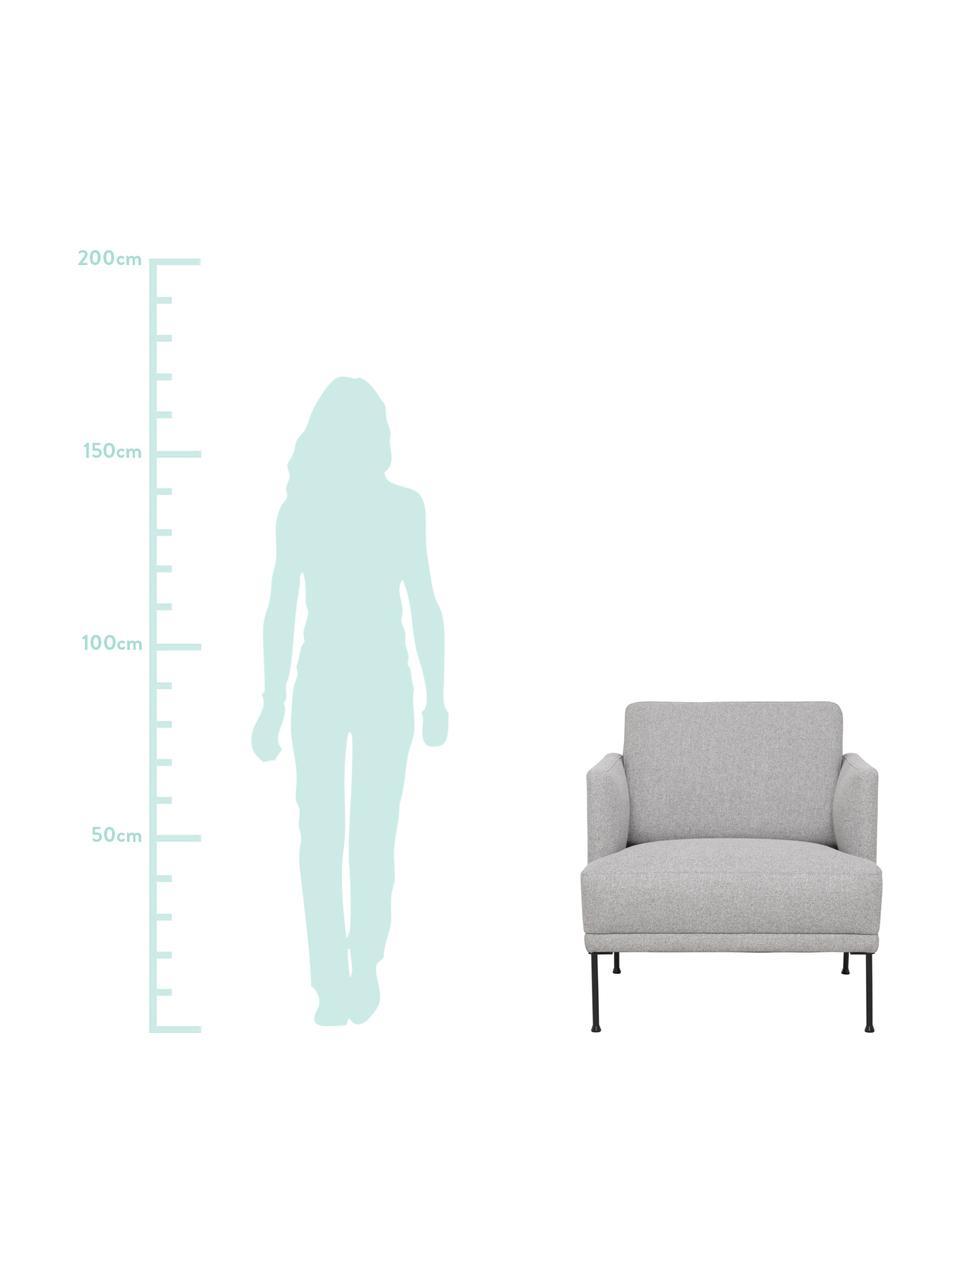 Sessel Fluente in Hellgrau mit Metall-Füßen, Bezug: 80% Polyester, 20% Ramie , Gestell: Massives Kiefernholz, Füße: Metall, pulverbeschichtet, Webstoff Hellgrau, B 74 x T 85 cm